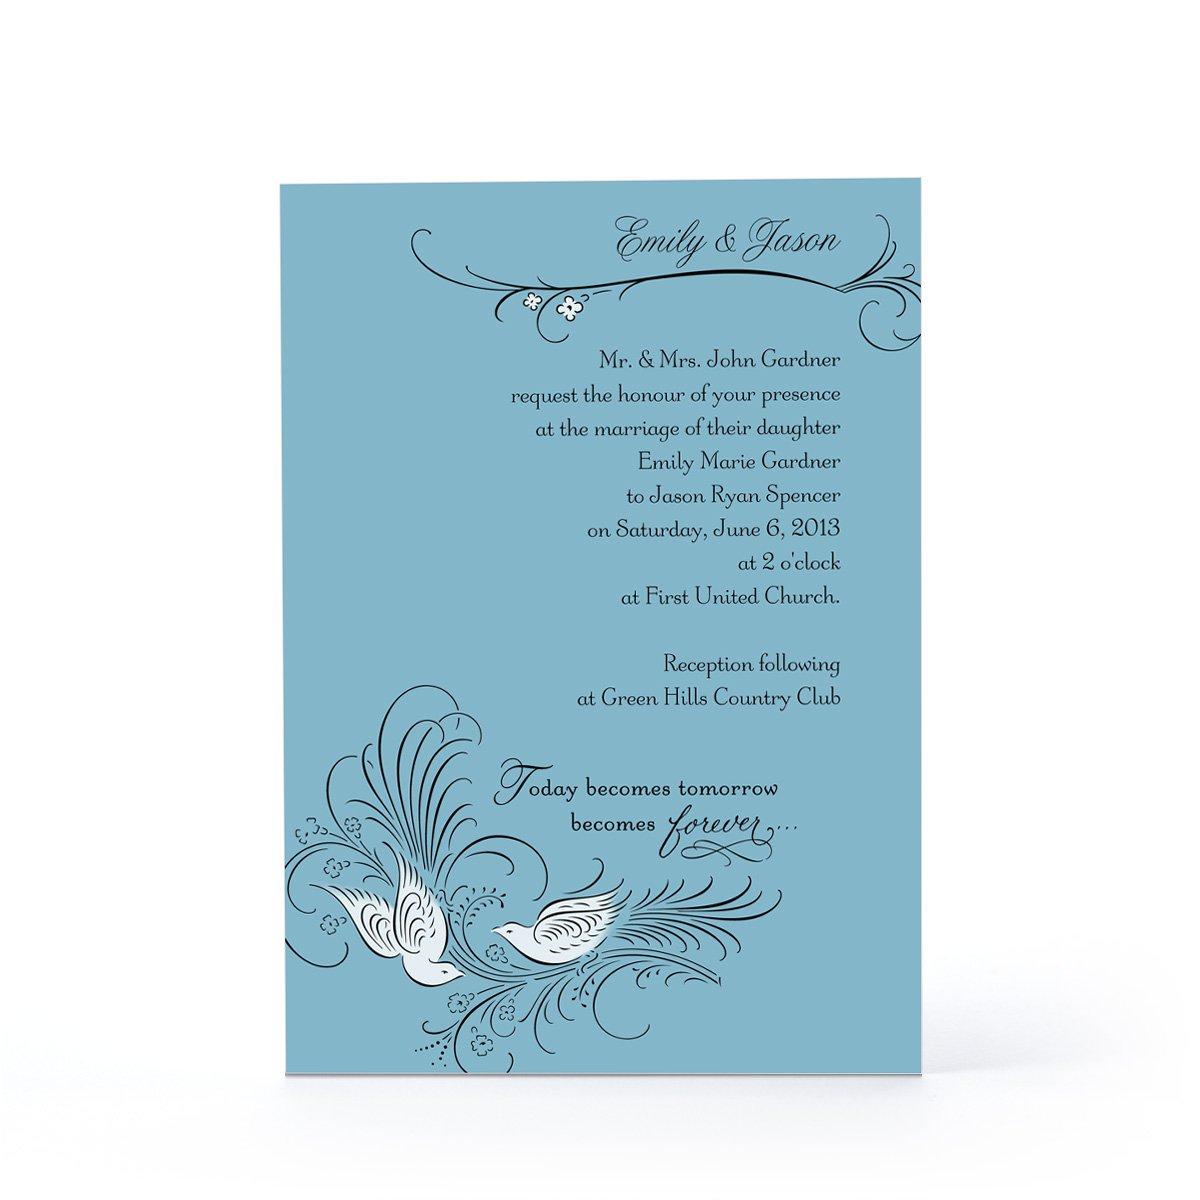 Hallmark Invitations Wedding: Hallmark Free Printable Wedding Invitation